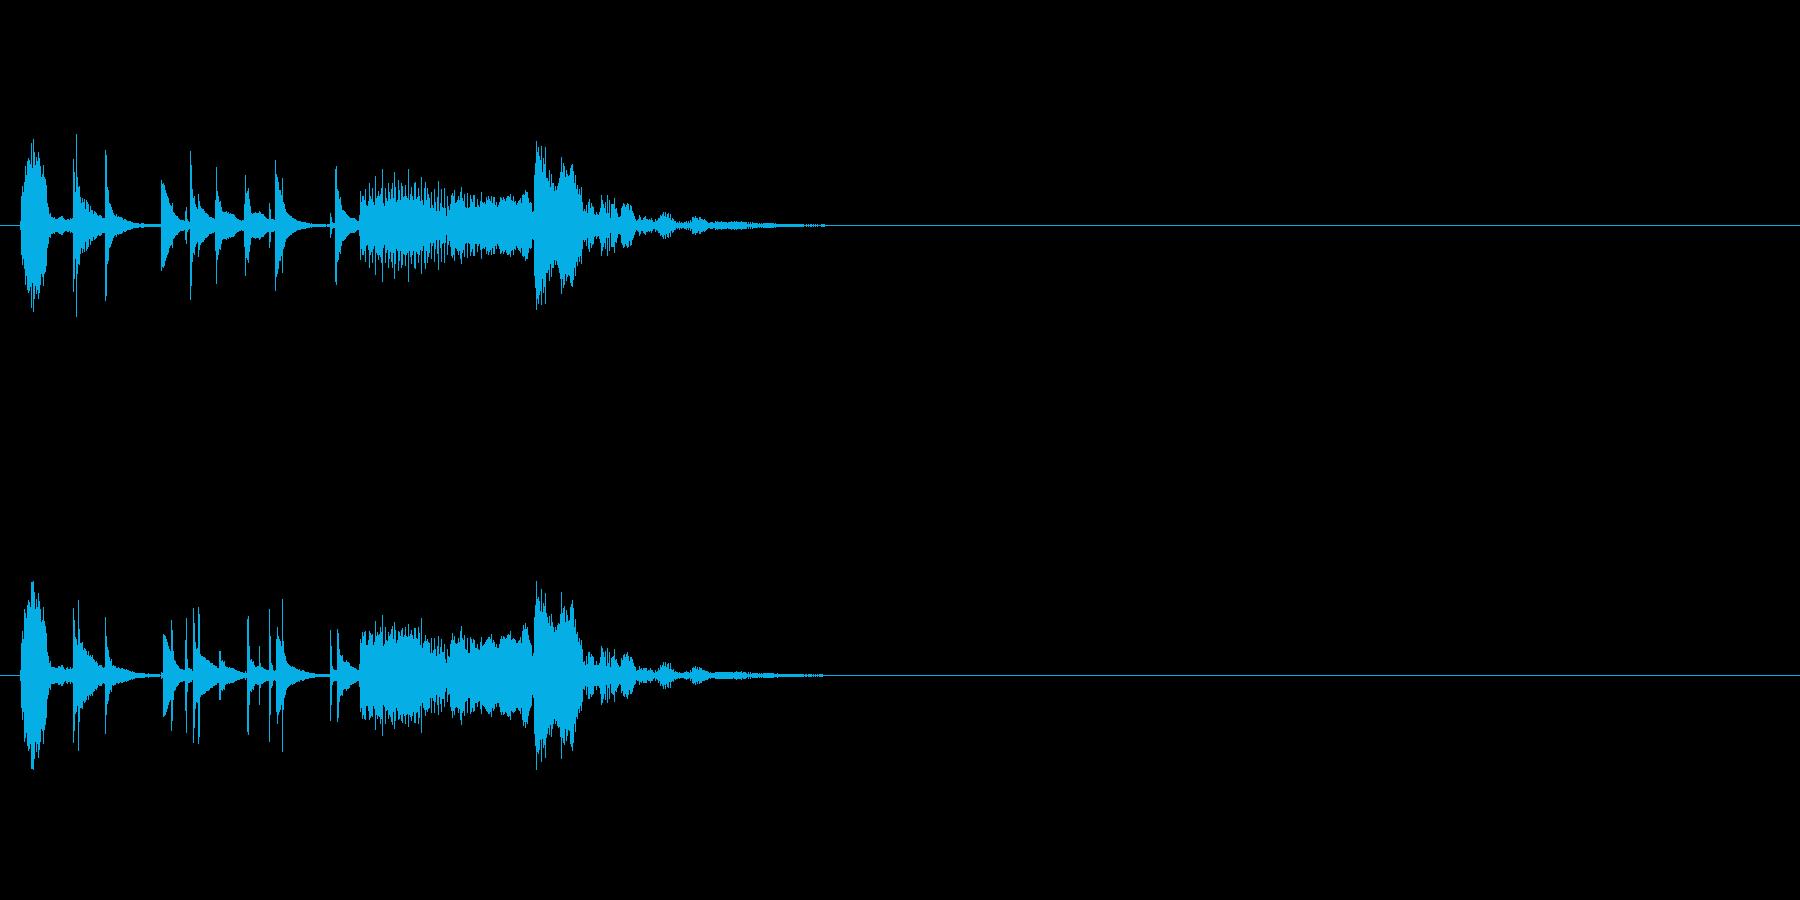 コミカル/おちゃらけものジングルの再生済みの波形